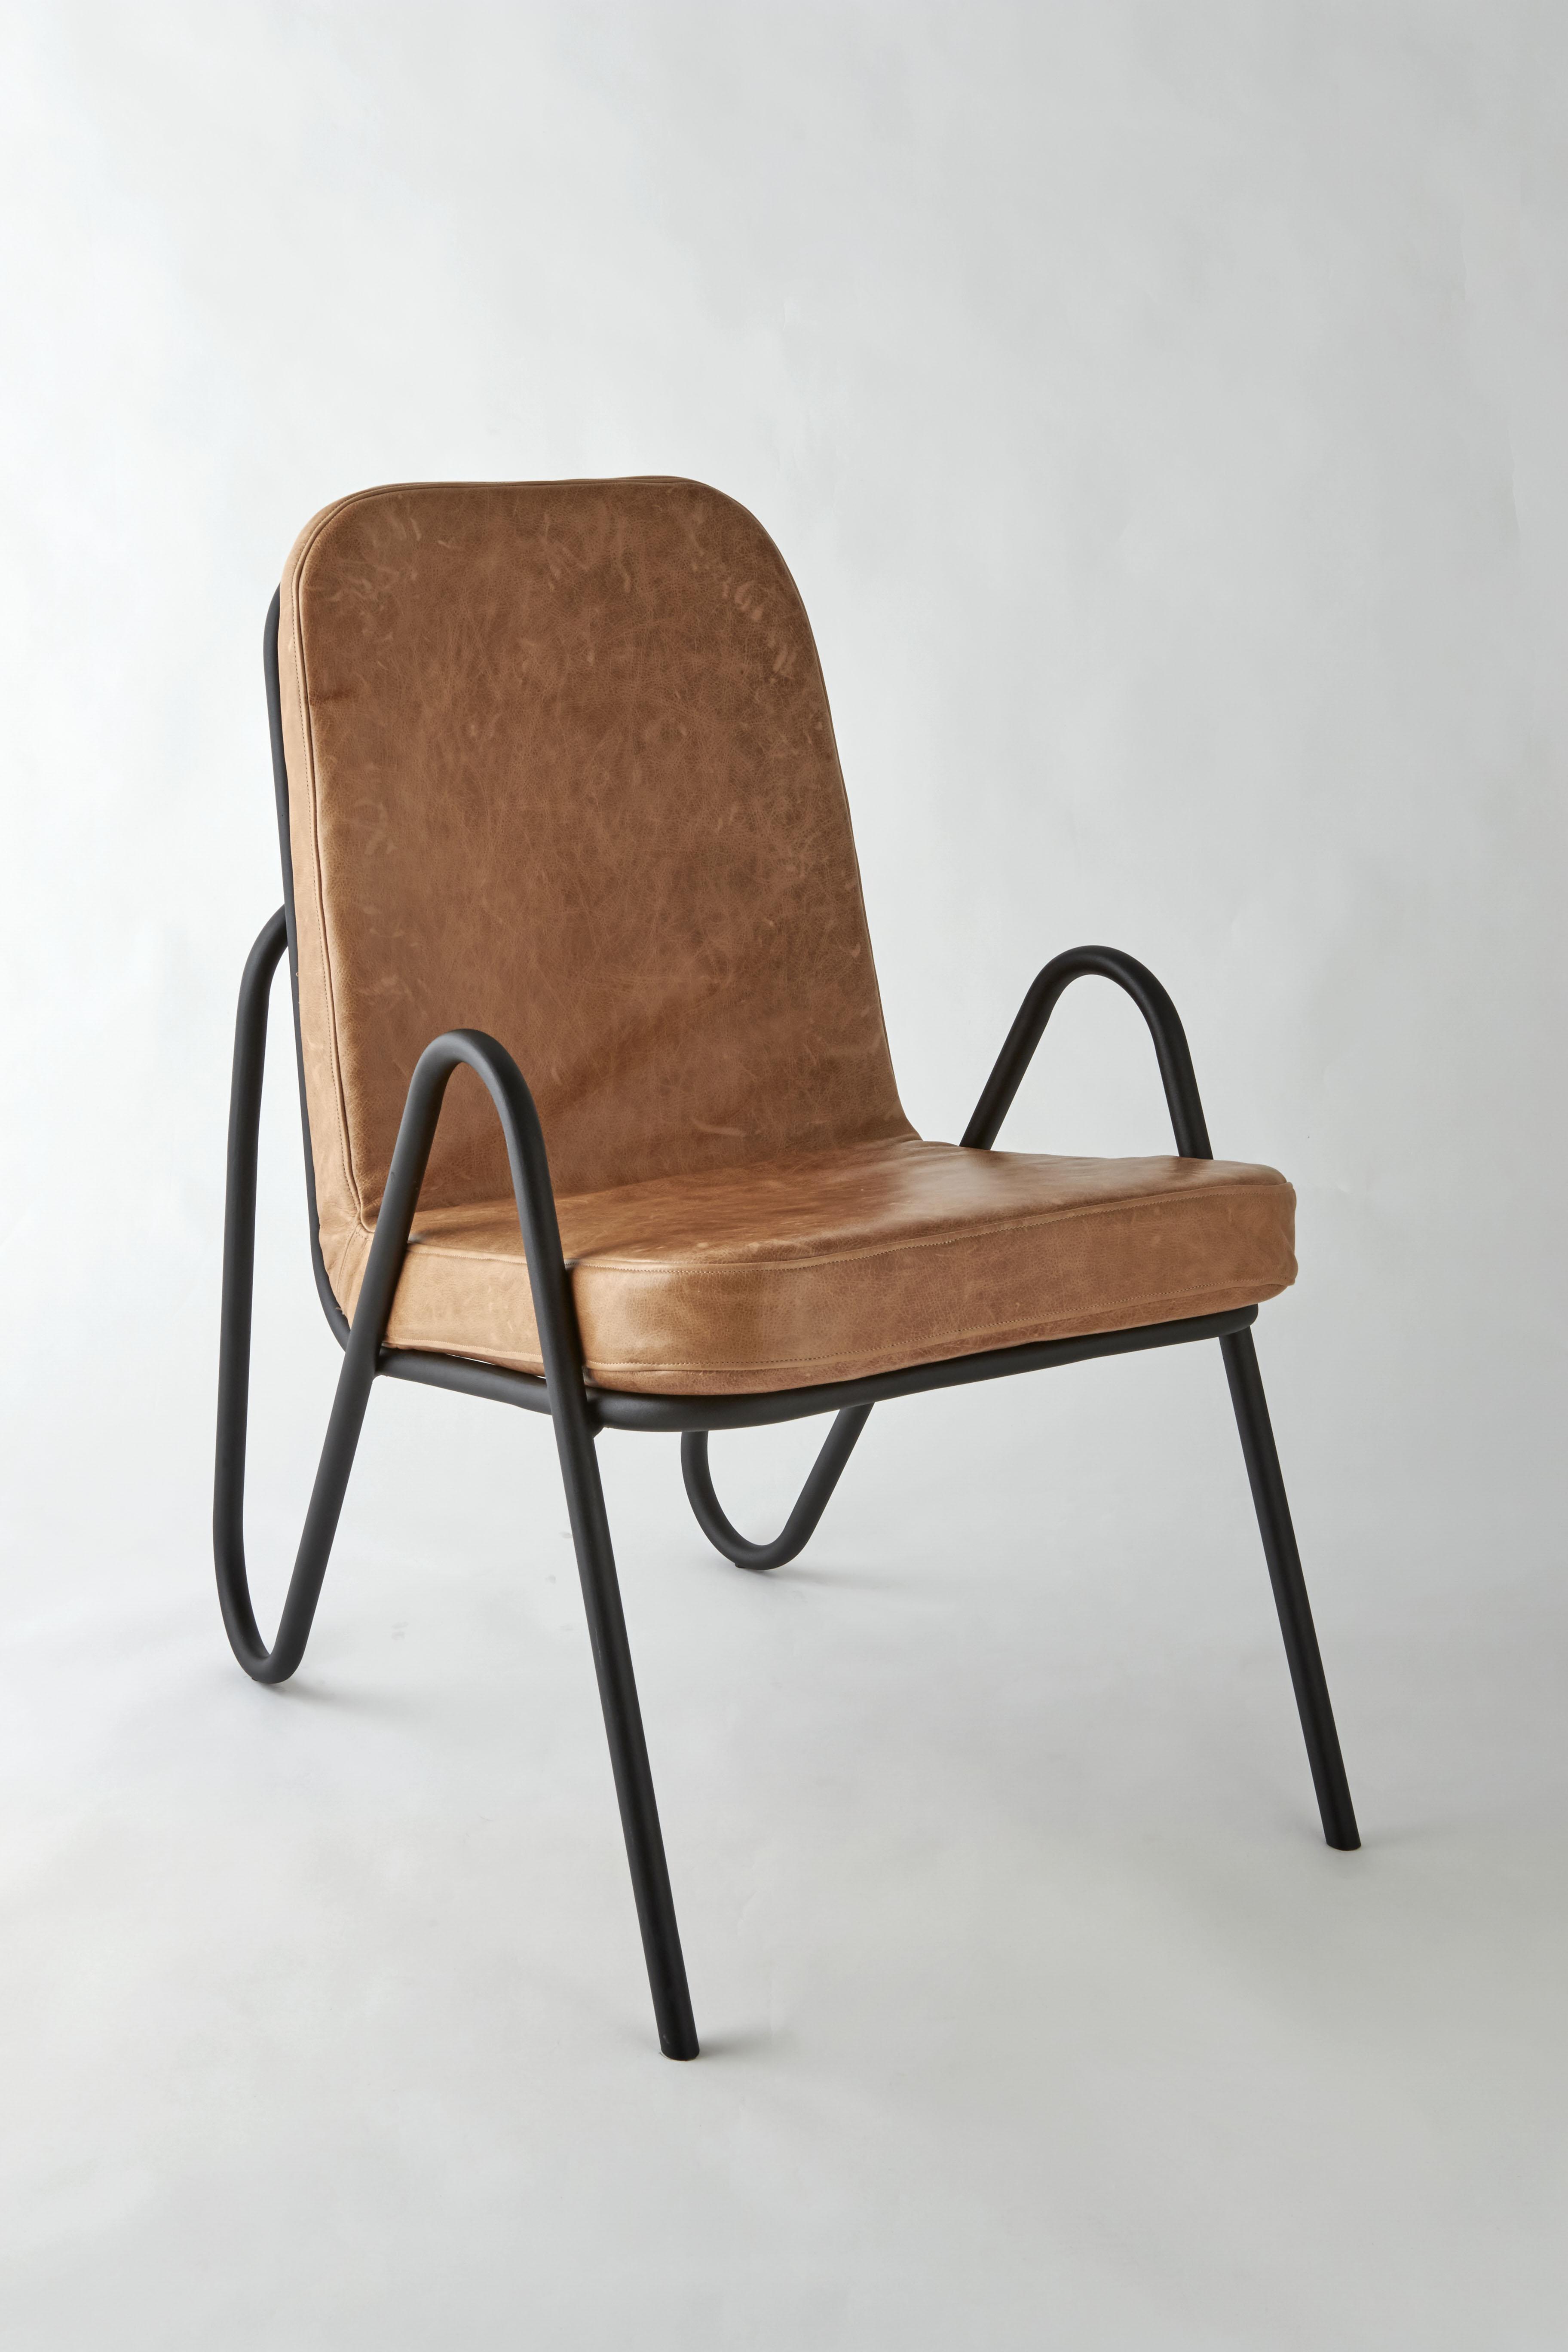 mayor chair tan side